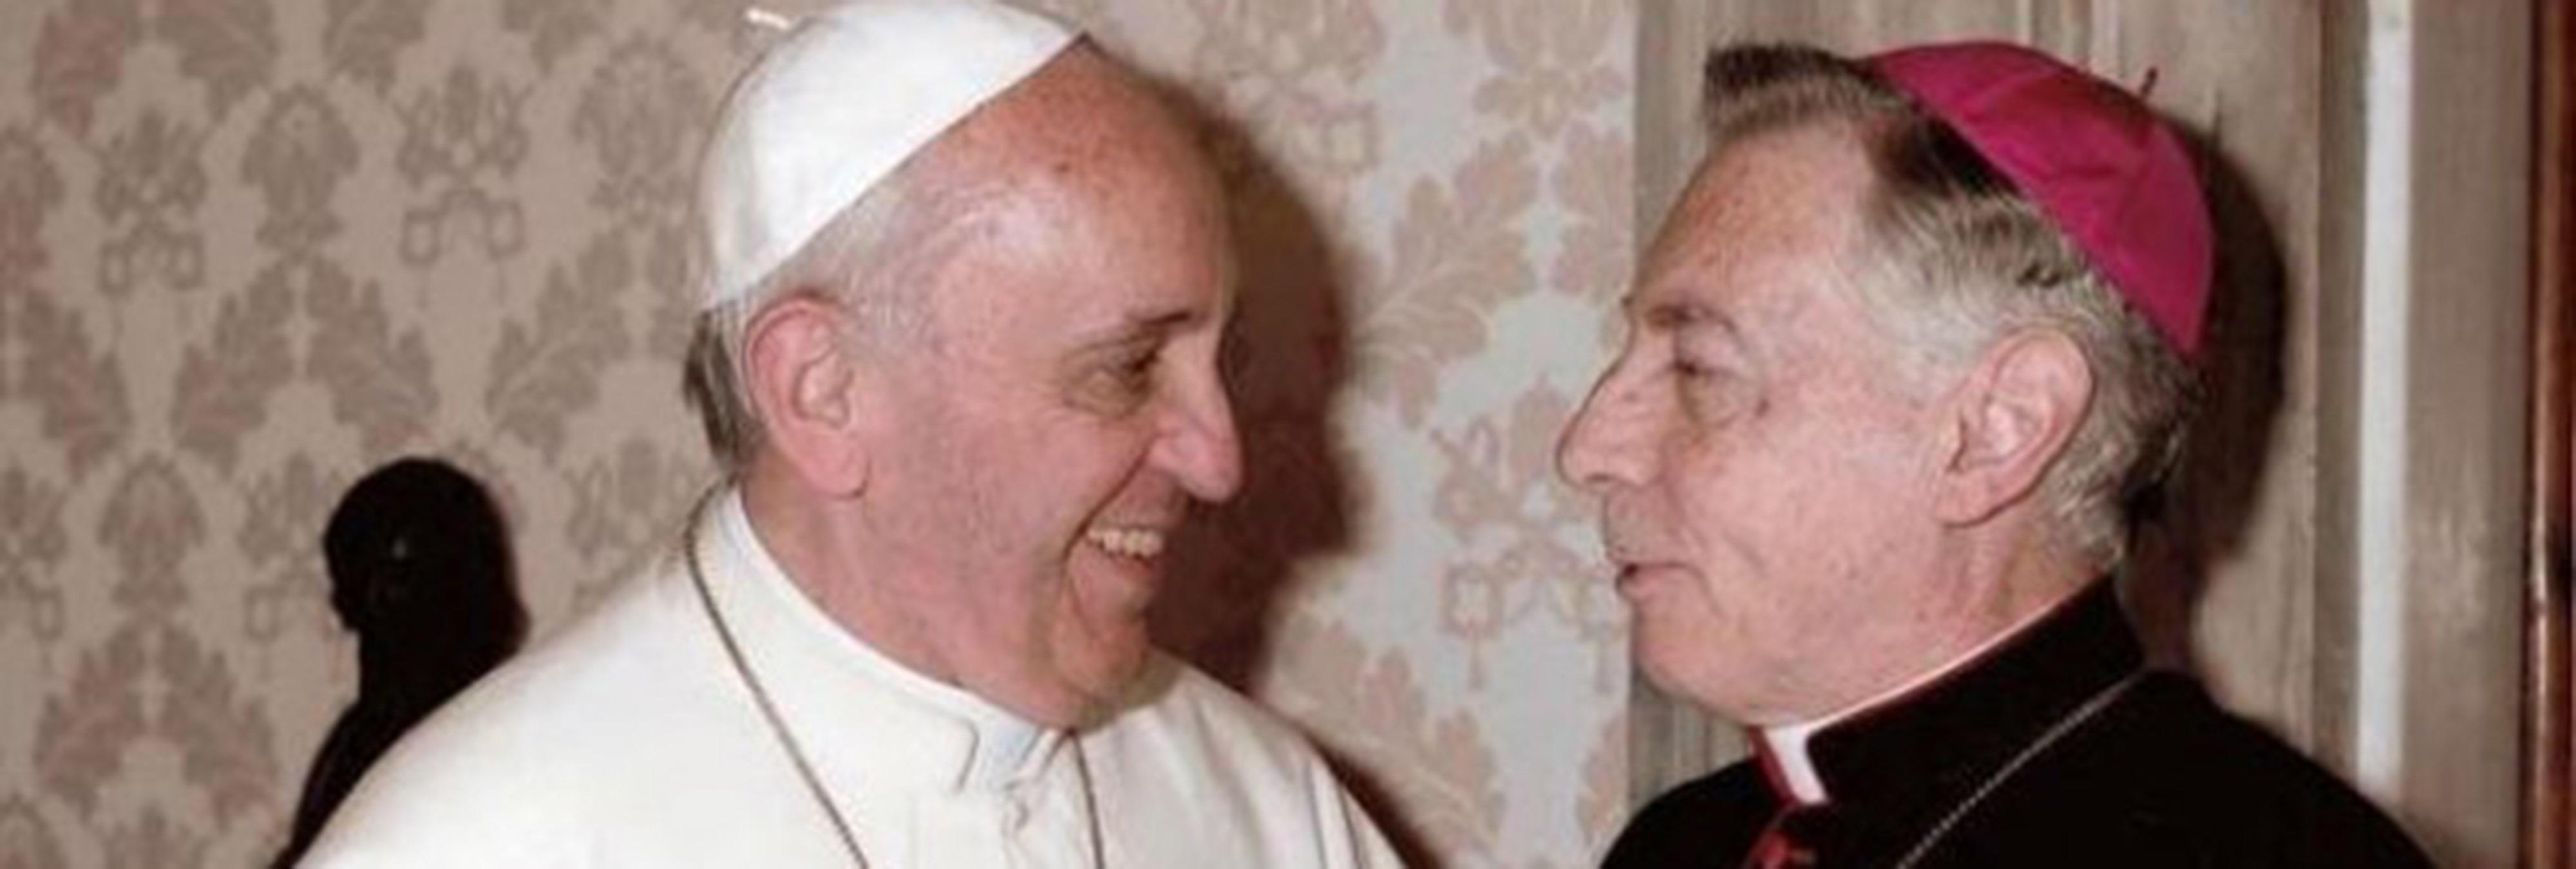 """Un arzobispo argentino cree que el incremento de la violencia machista """"tiene que ver con la desaparición del matrimonio"""""""